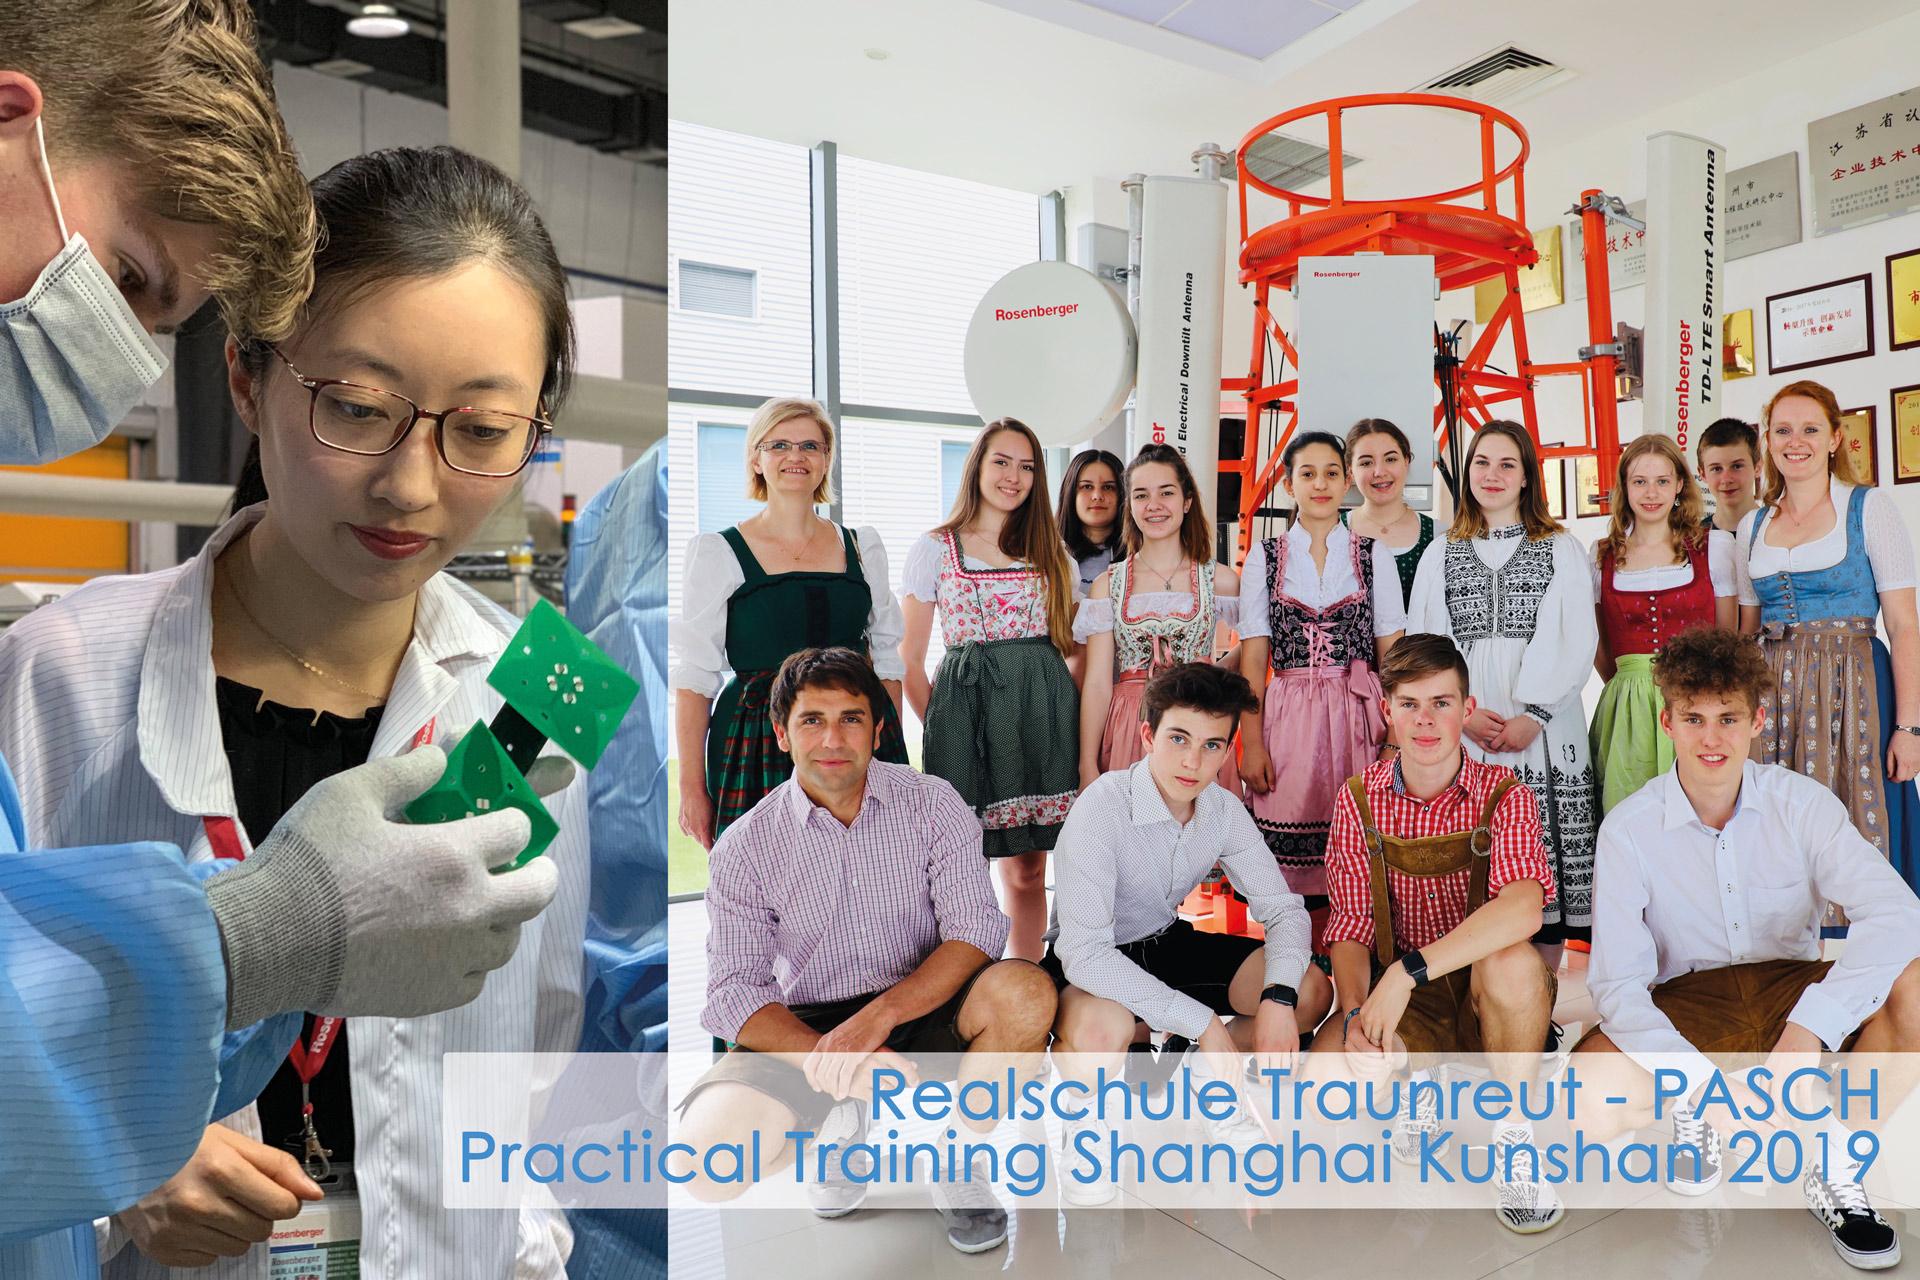 Pasch-Mercator-Muell-RealschuleTraunreut_Rosenberger-Shanghai-Kunshan_Lehrer-Realschueler-in-bayerisher-Tracht